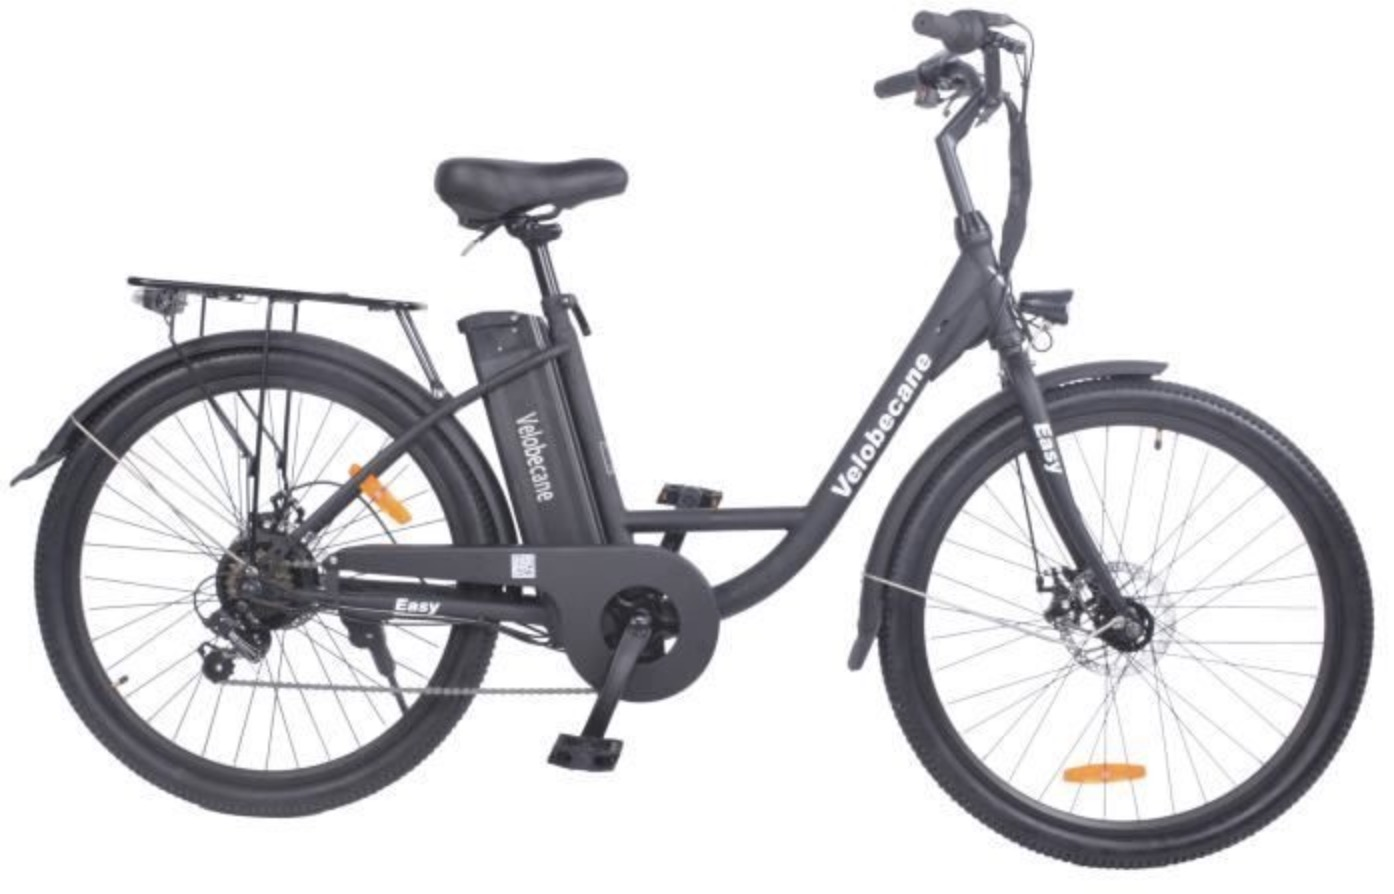 Code promo Cdiscount : Vélo électrique 26' VELOBECANE - 7 vitesses- Freins à disque - autonomie 40km à 499,99€